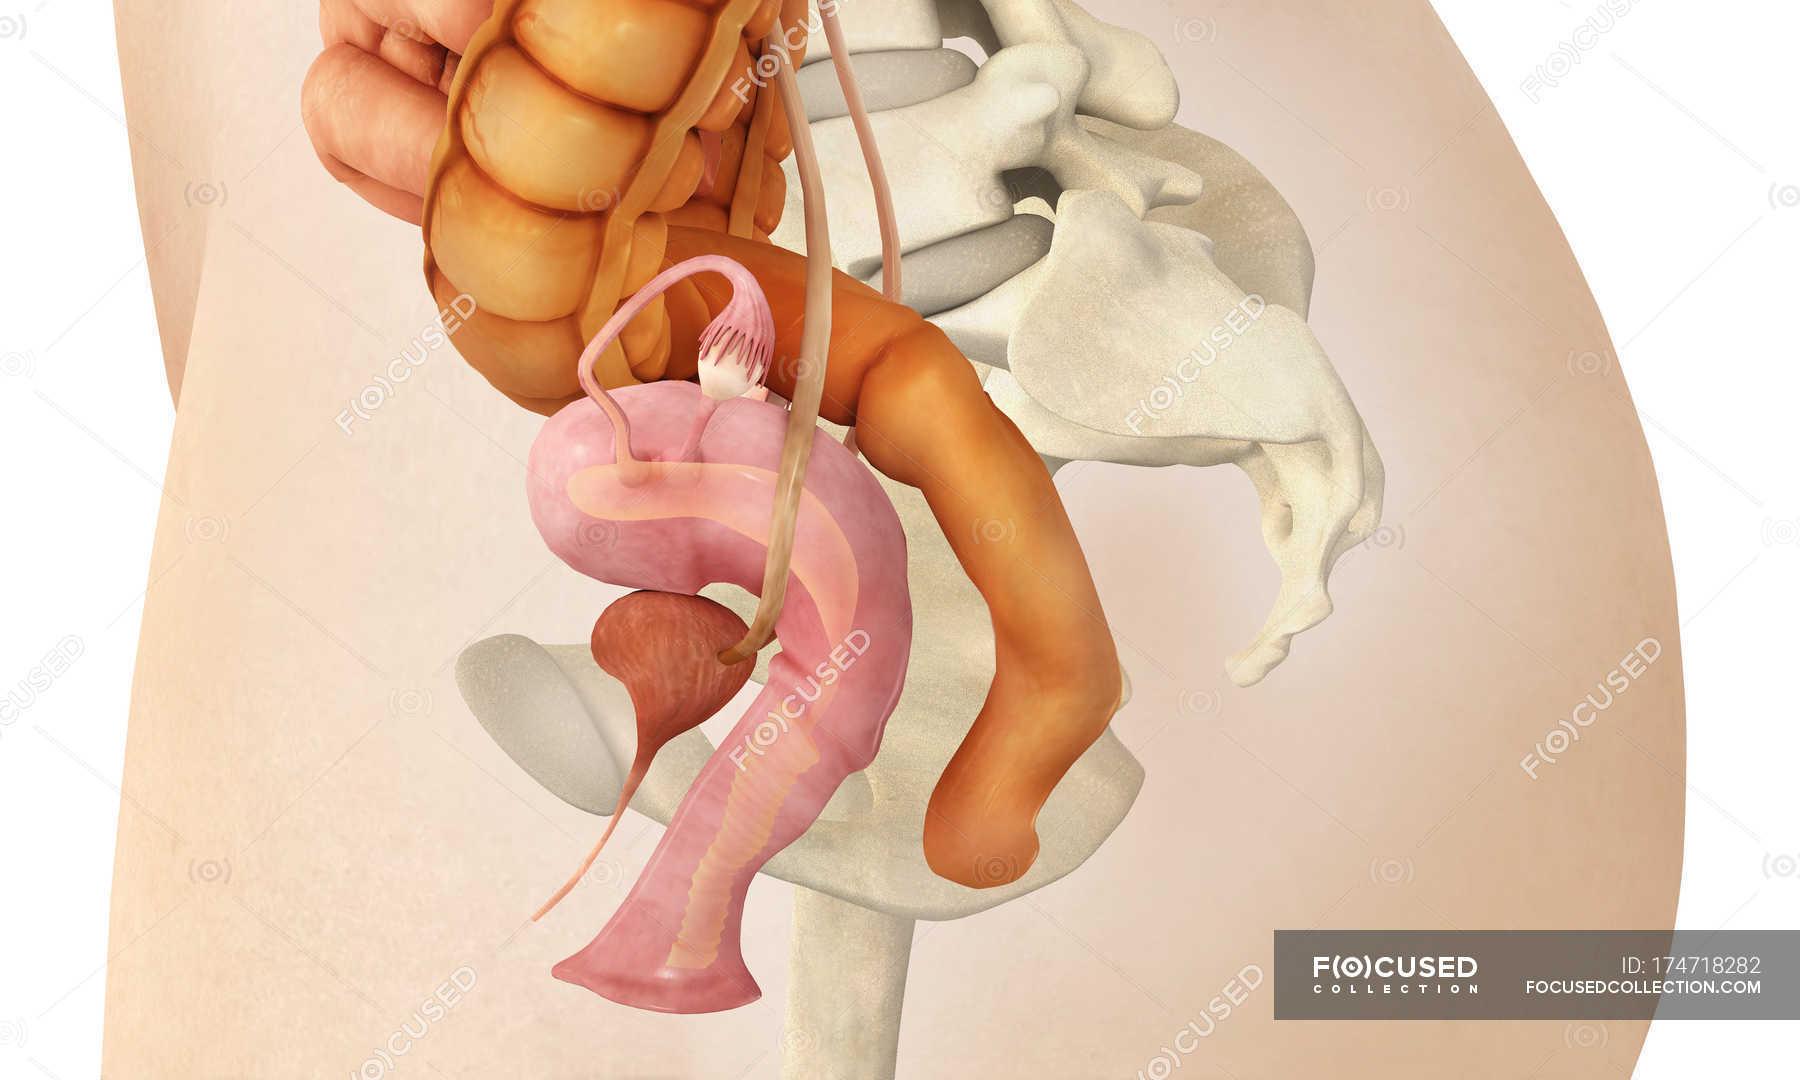 Смотреть женский половой орган, Откровенная демонстрация женских половых органов 20 фотография